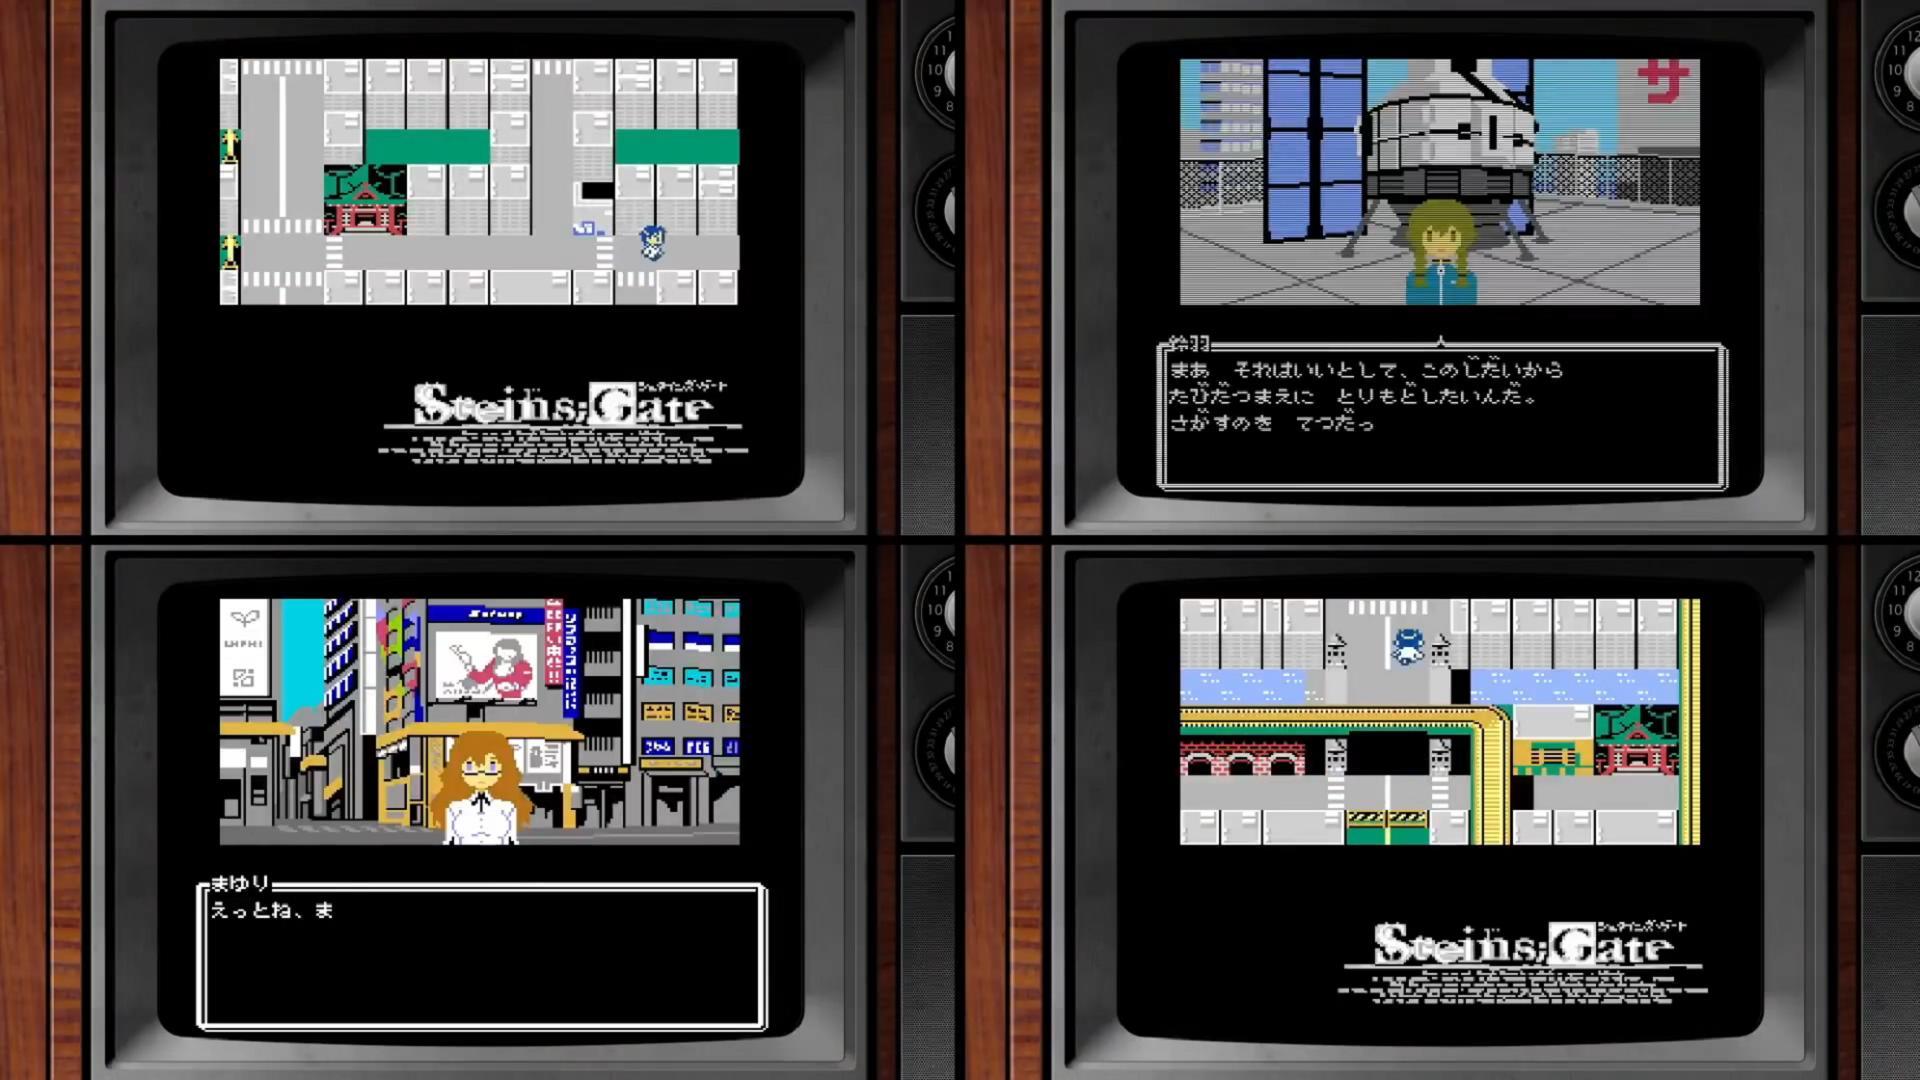 冒险游戏《命运石之门 ELITE》19年登陆steam-迷你酷-MINICOLL